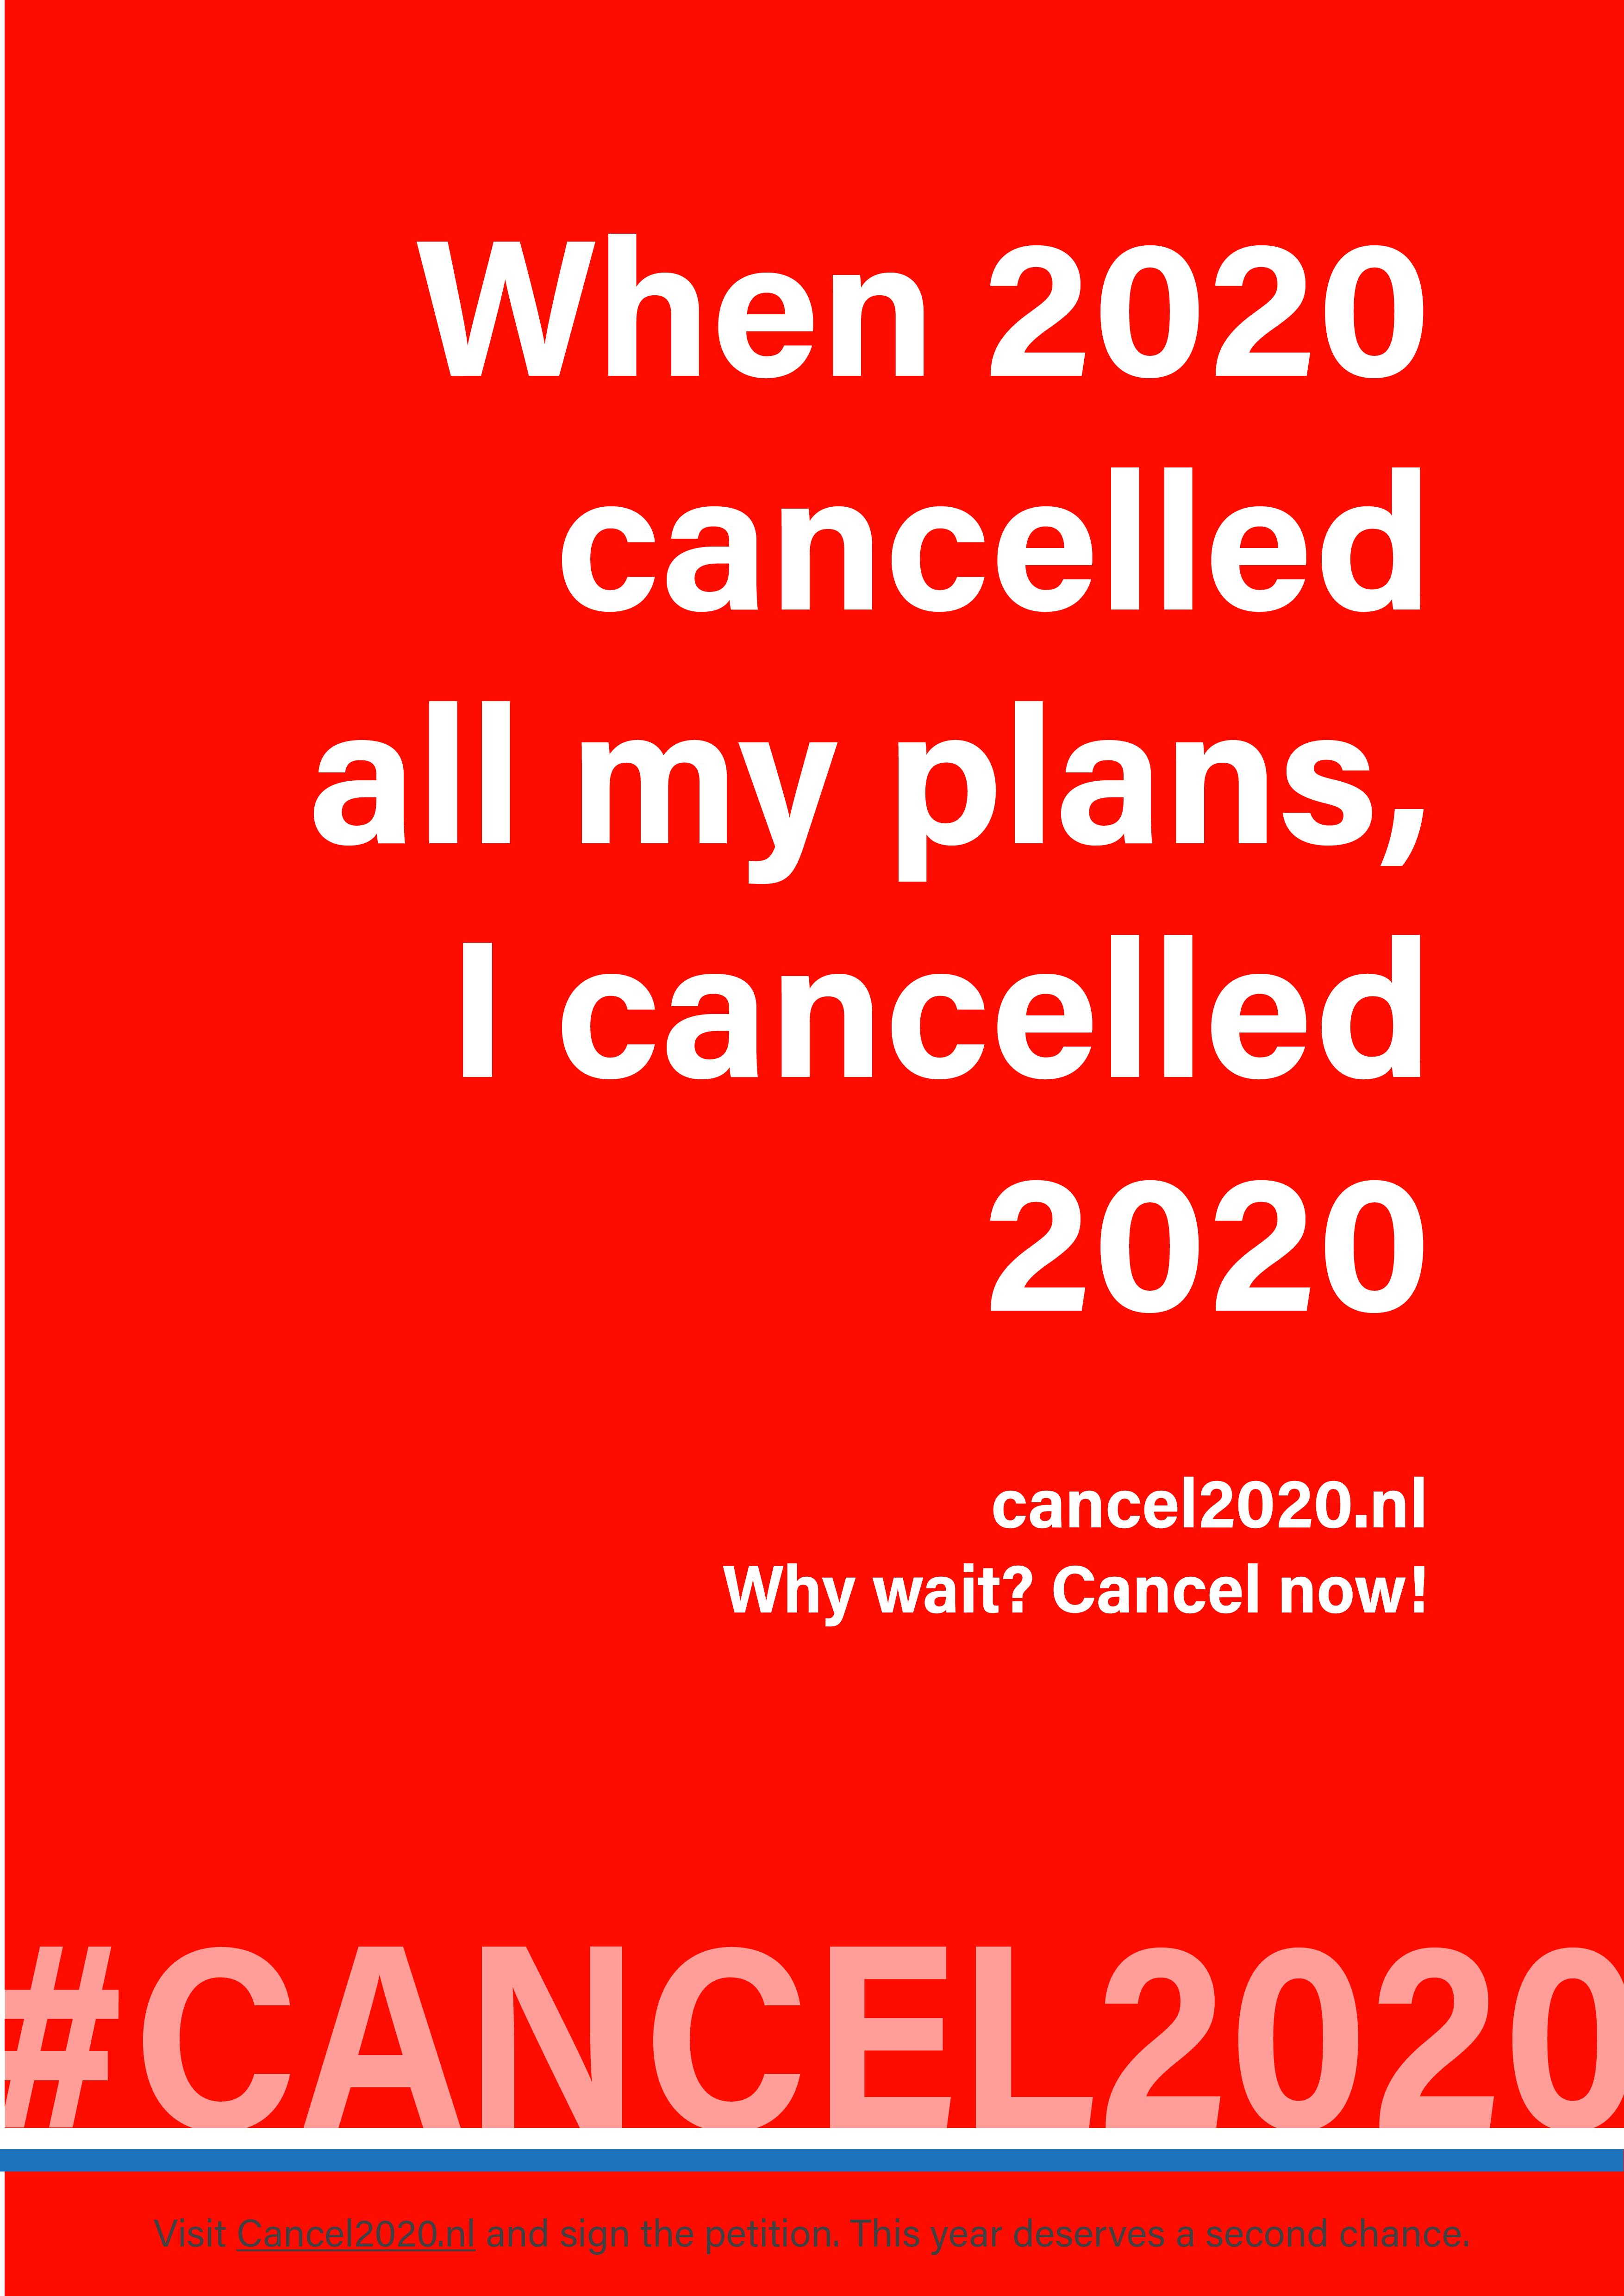 Cancel 2020 quotes-05